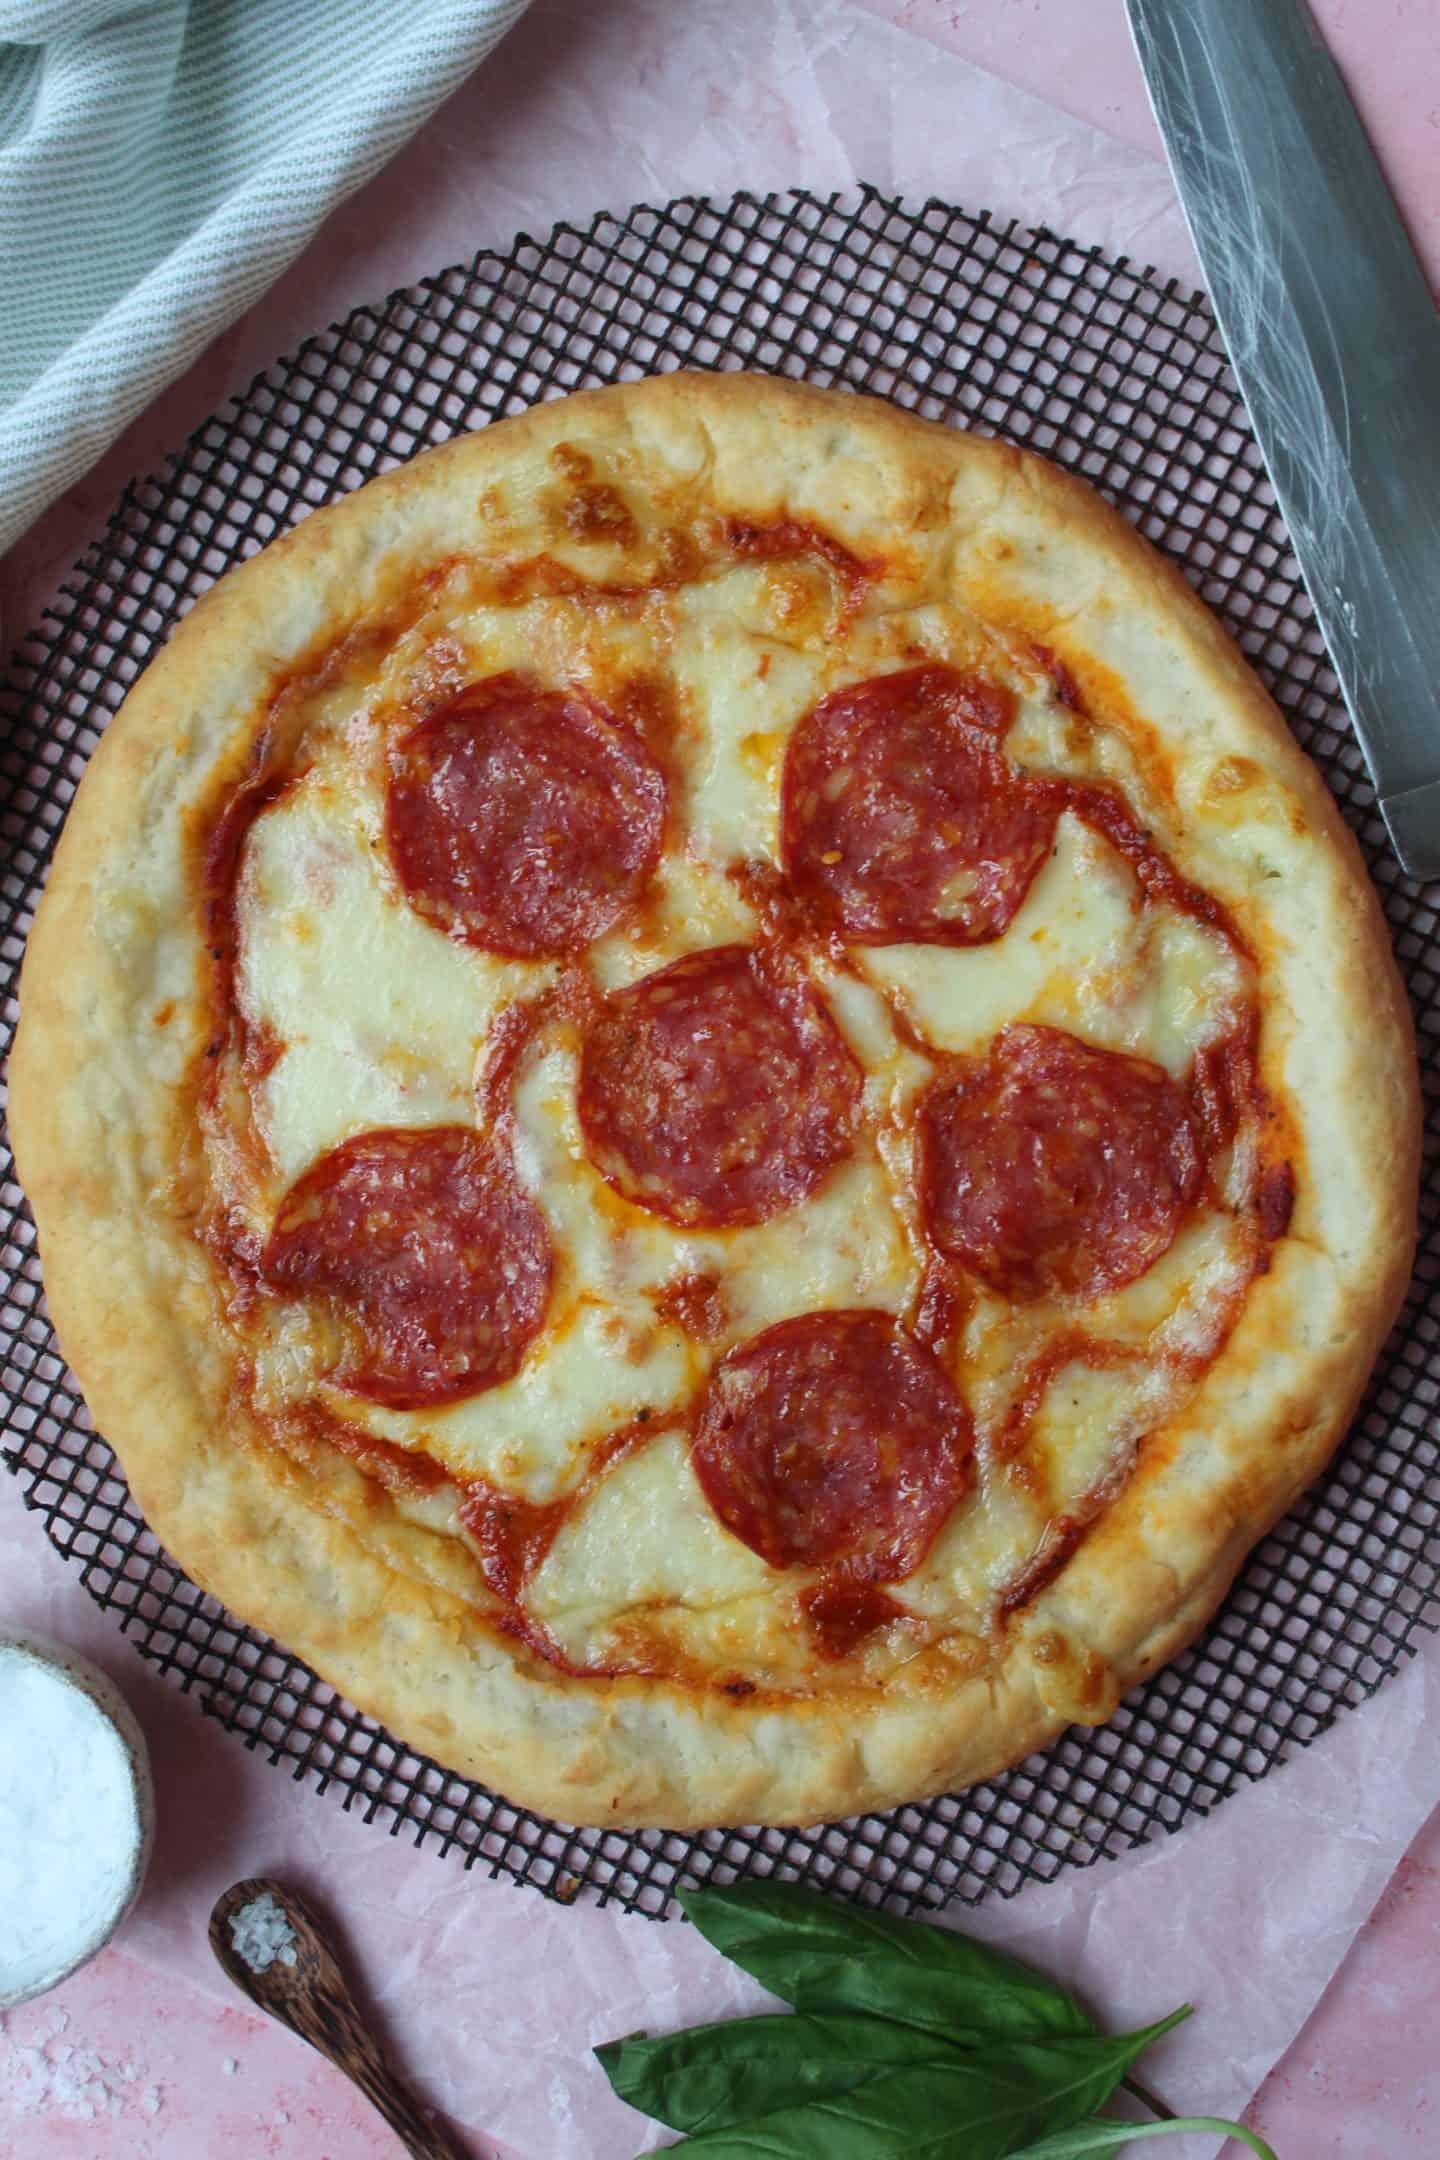 gluten free stuffed crust pizza recipe